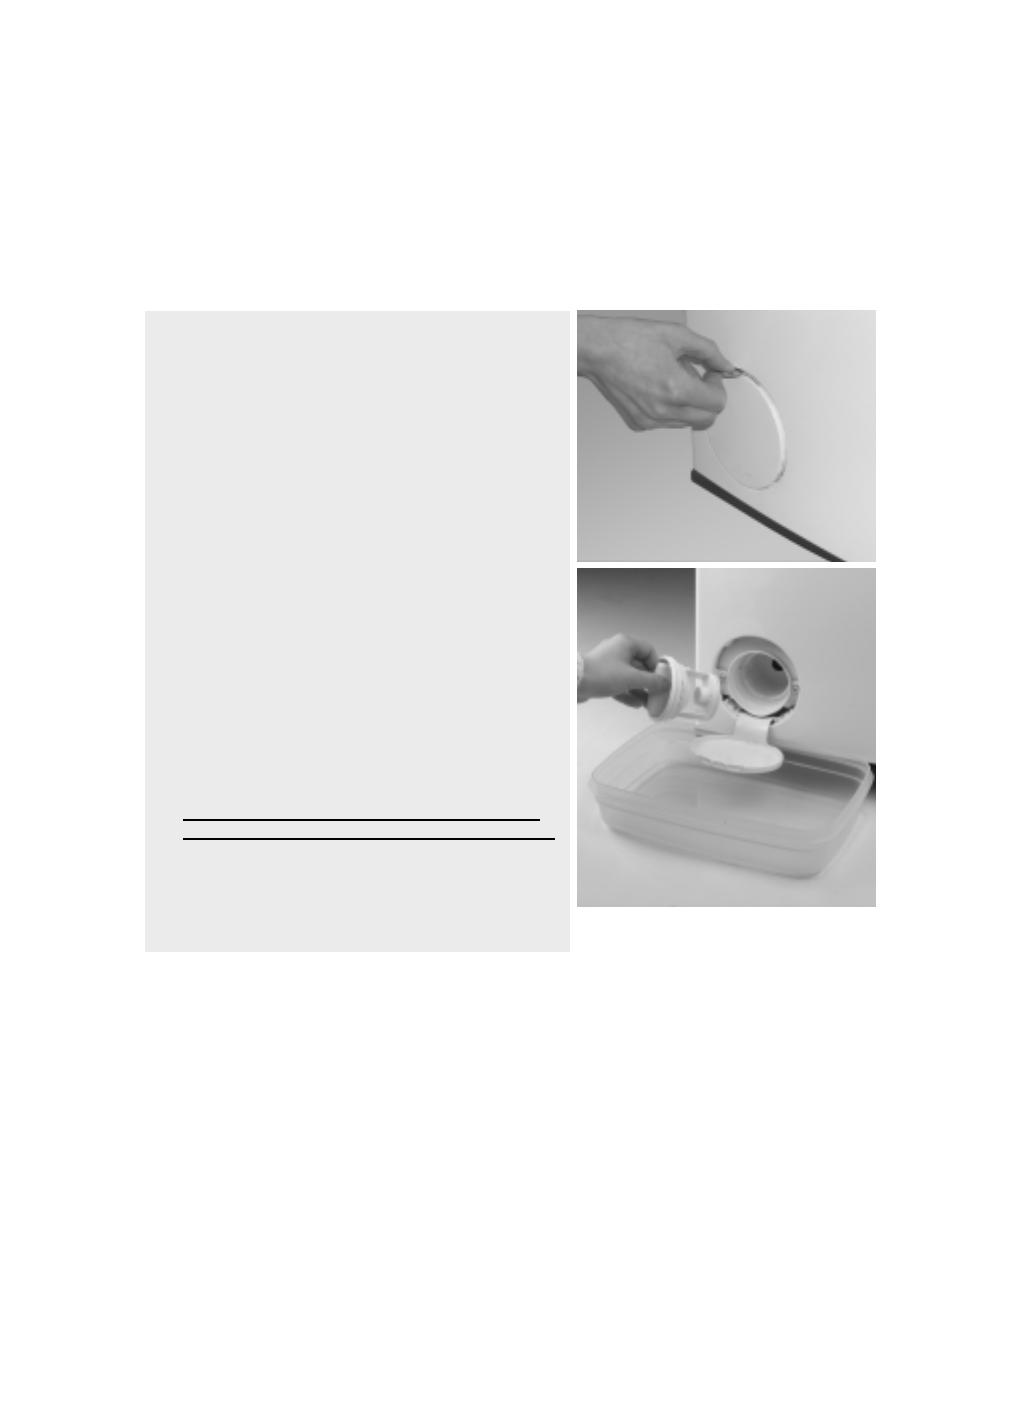 bedienungsanleitung whirlpool awe 4526 seite 9 von 18. Black Bedroom Furniture Sets. Home Design Ideas